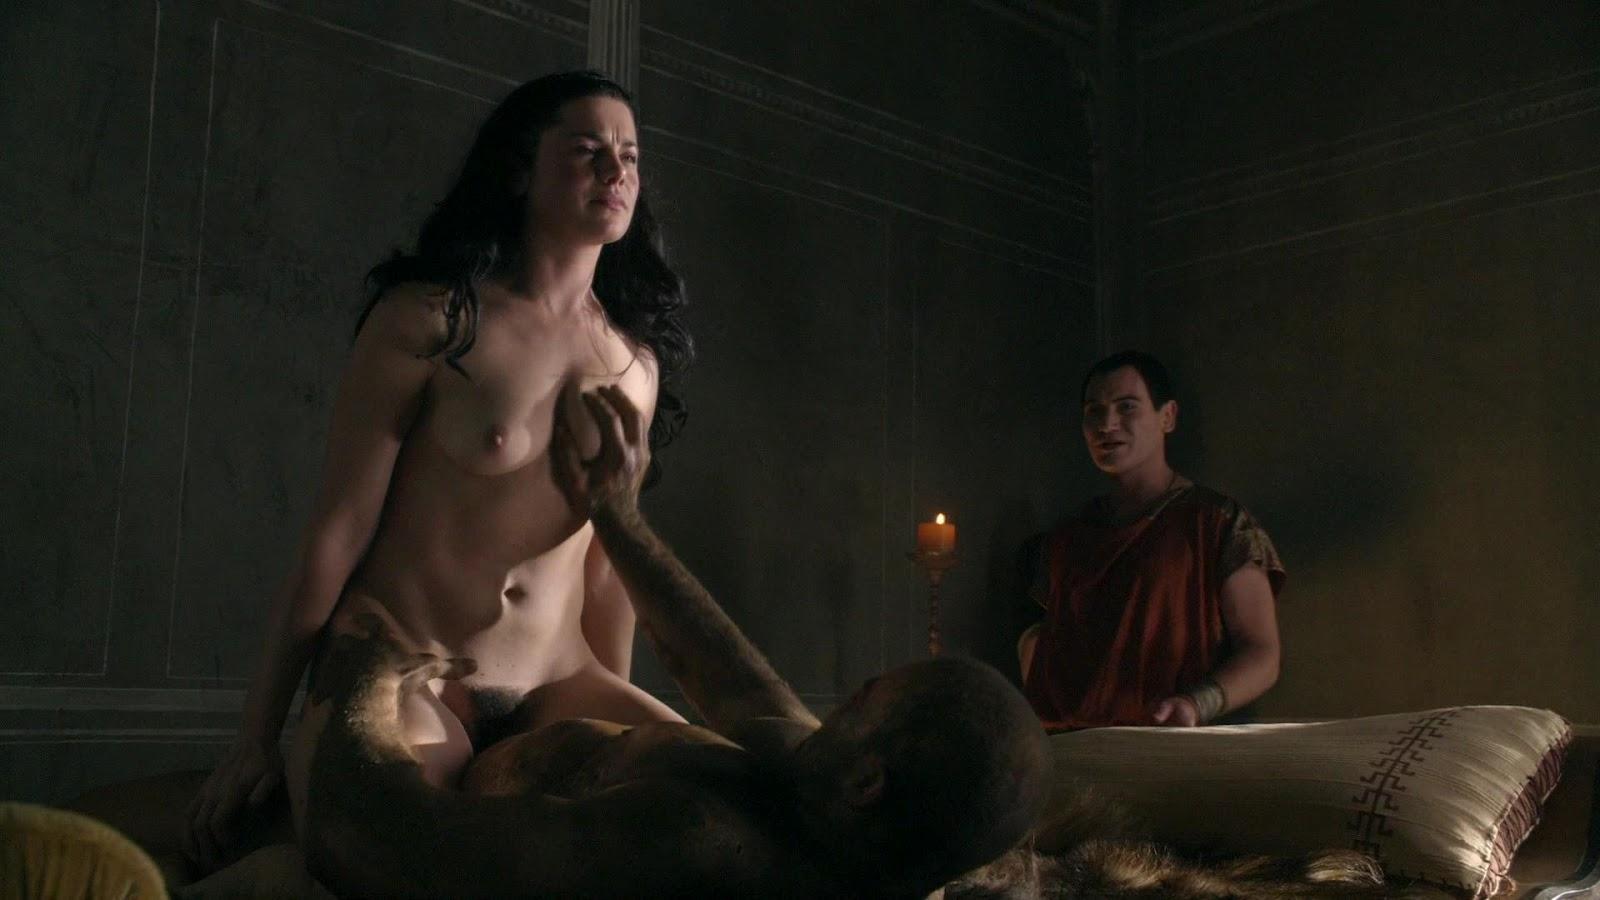 Spartacus gods of the arena sex scenes